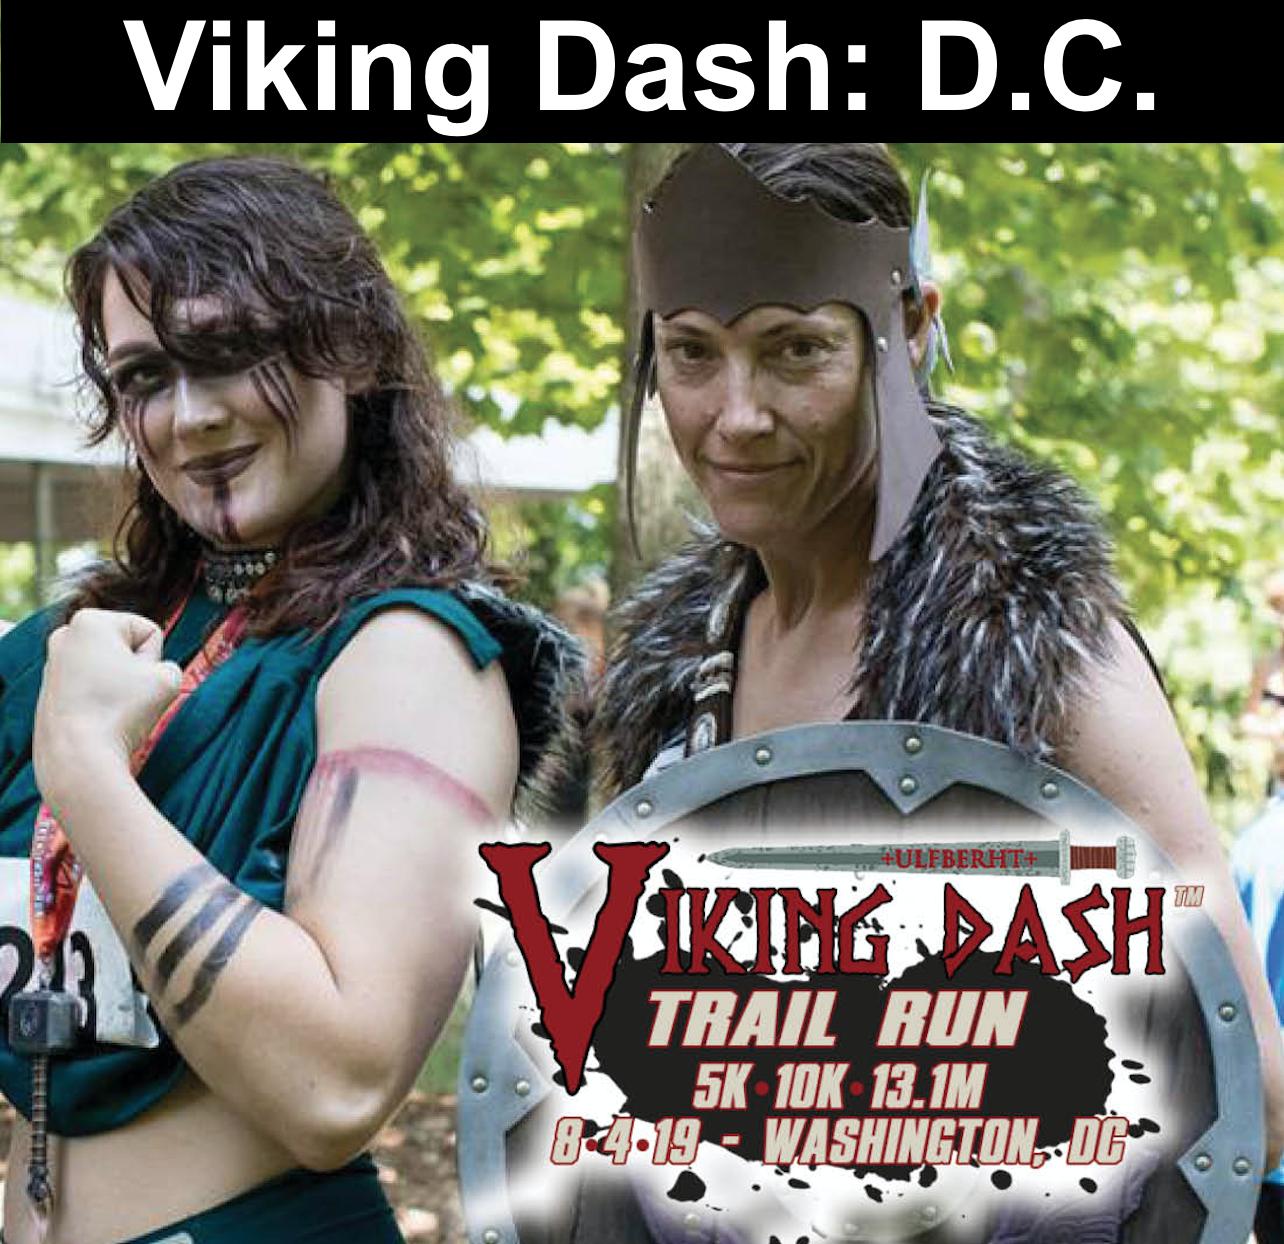 2019 Viking Dash Trail Run: D.C.